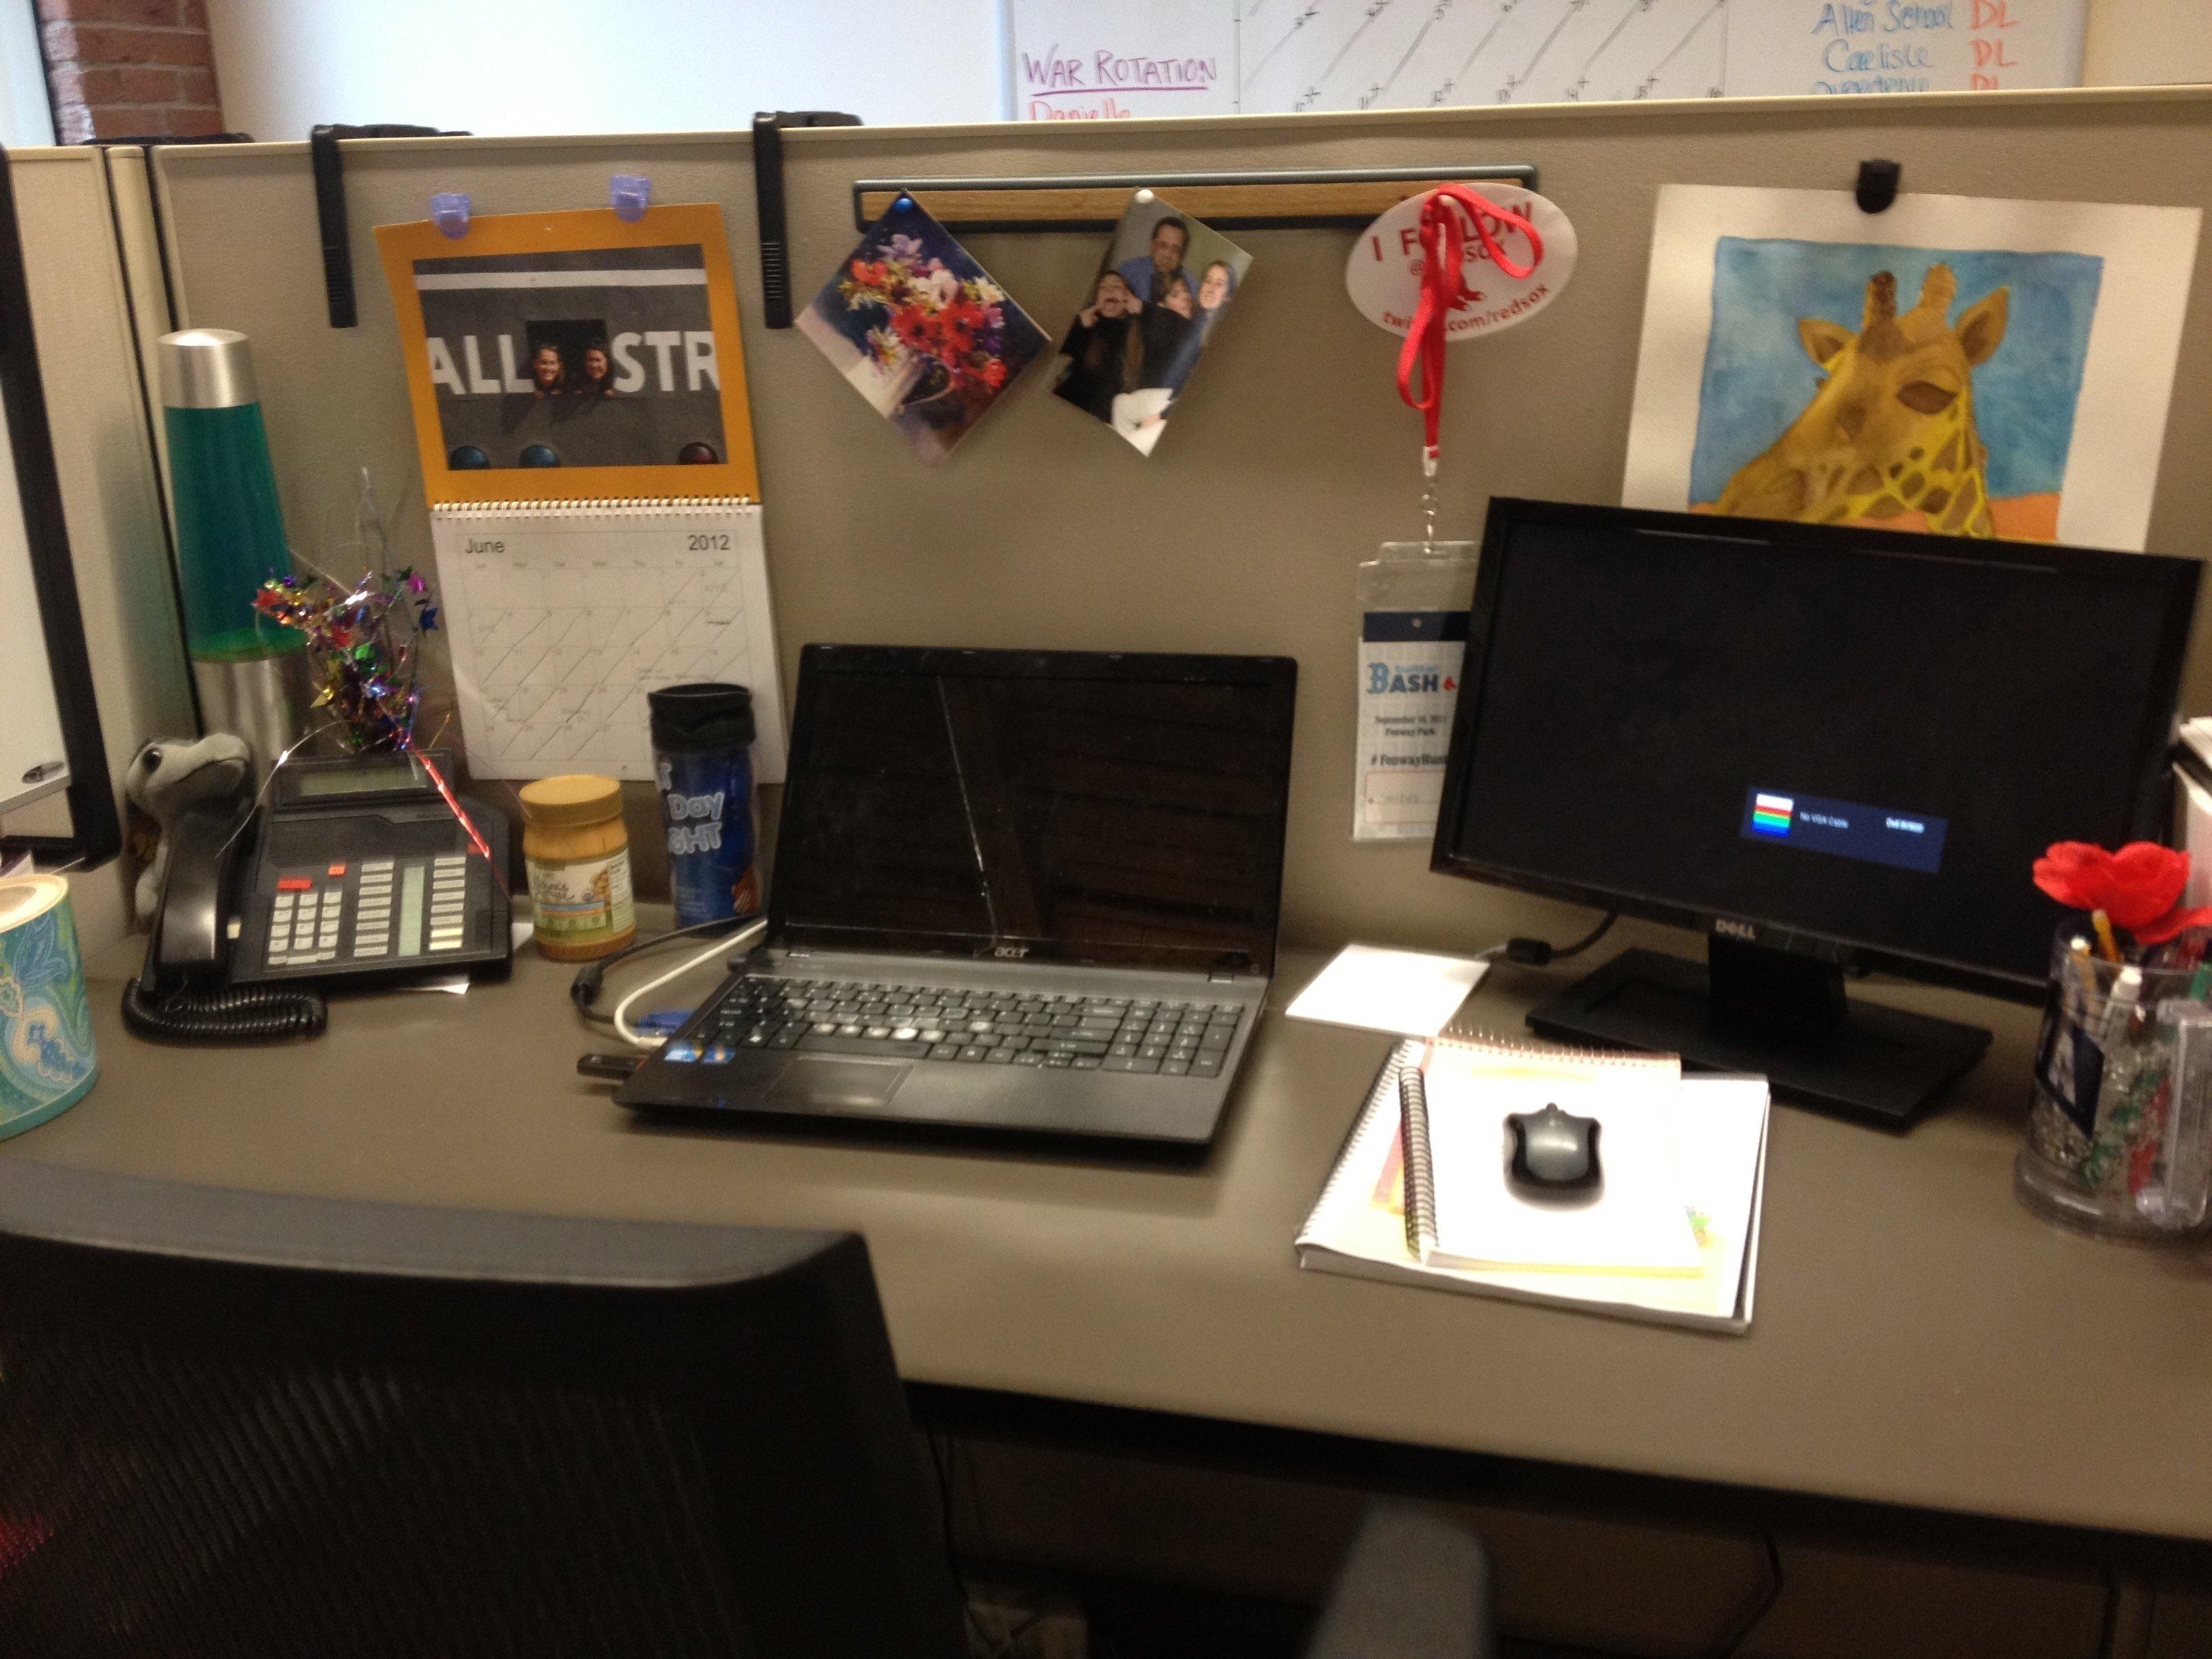 10 Unique Desk Decorating Ideas For Work work office desk decor e280a2 ideas photo decorations men decorating for 2020